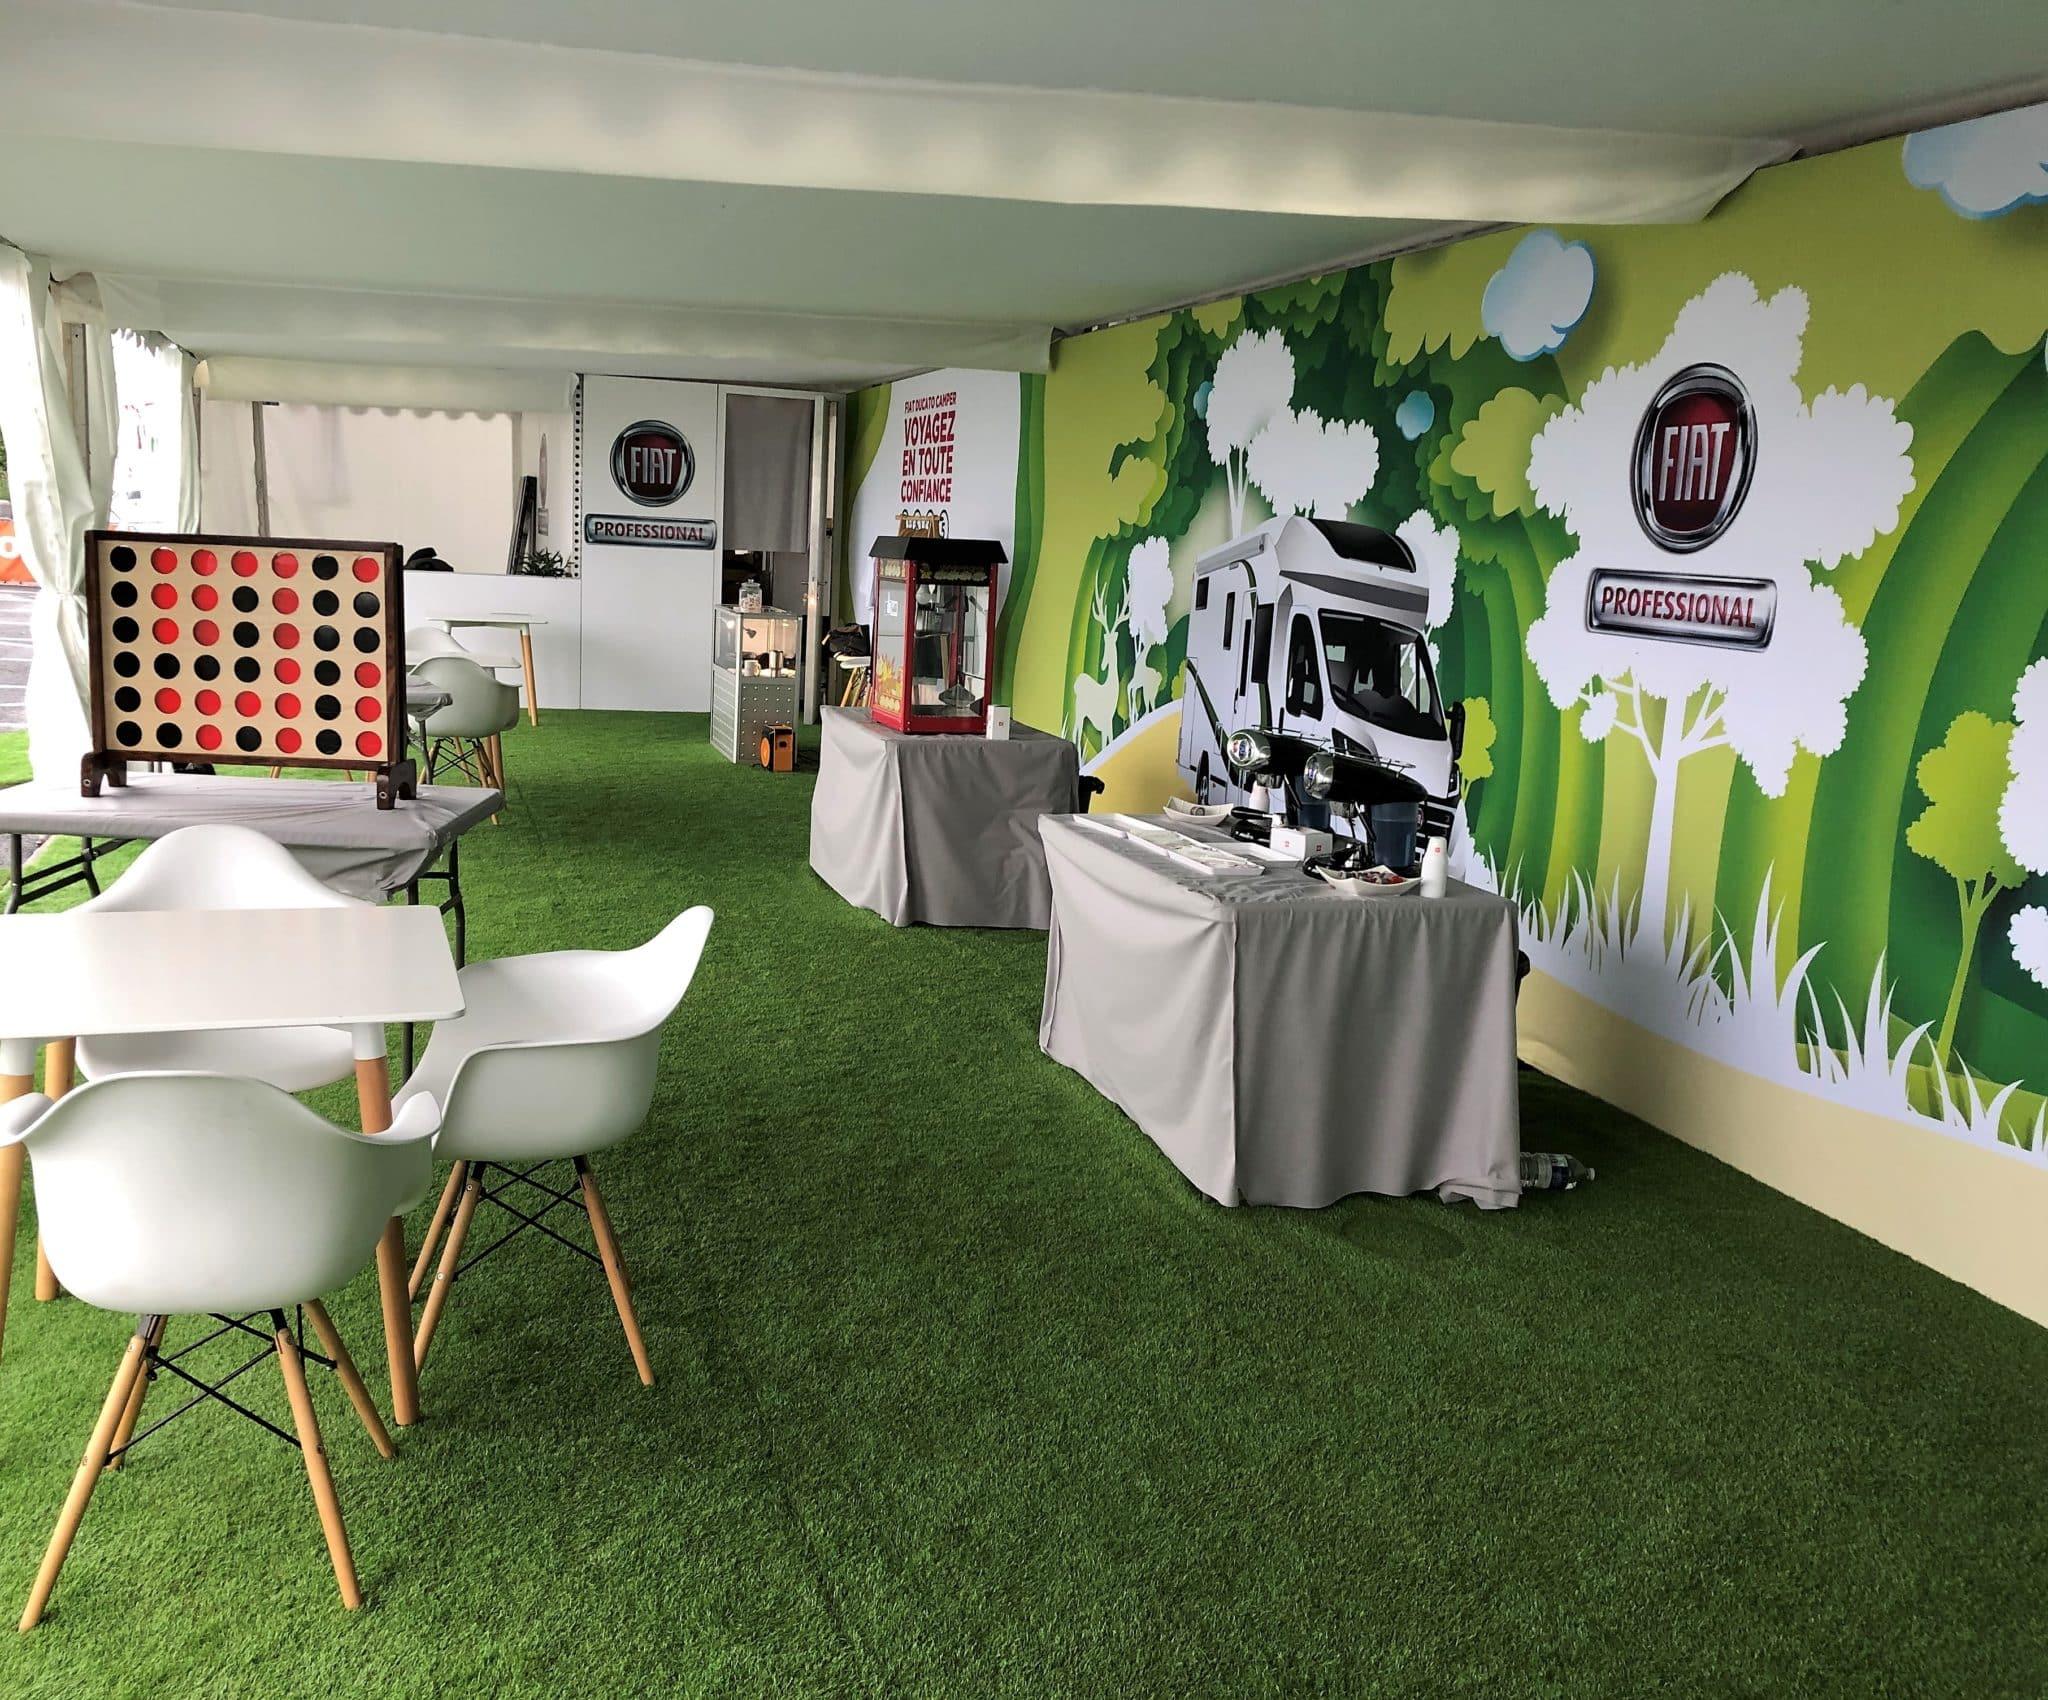 Agence événementielle : Hospitalité VIP sur salon professionnel